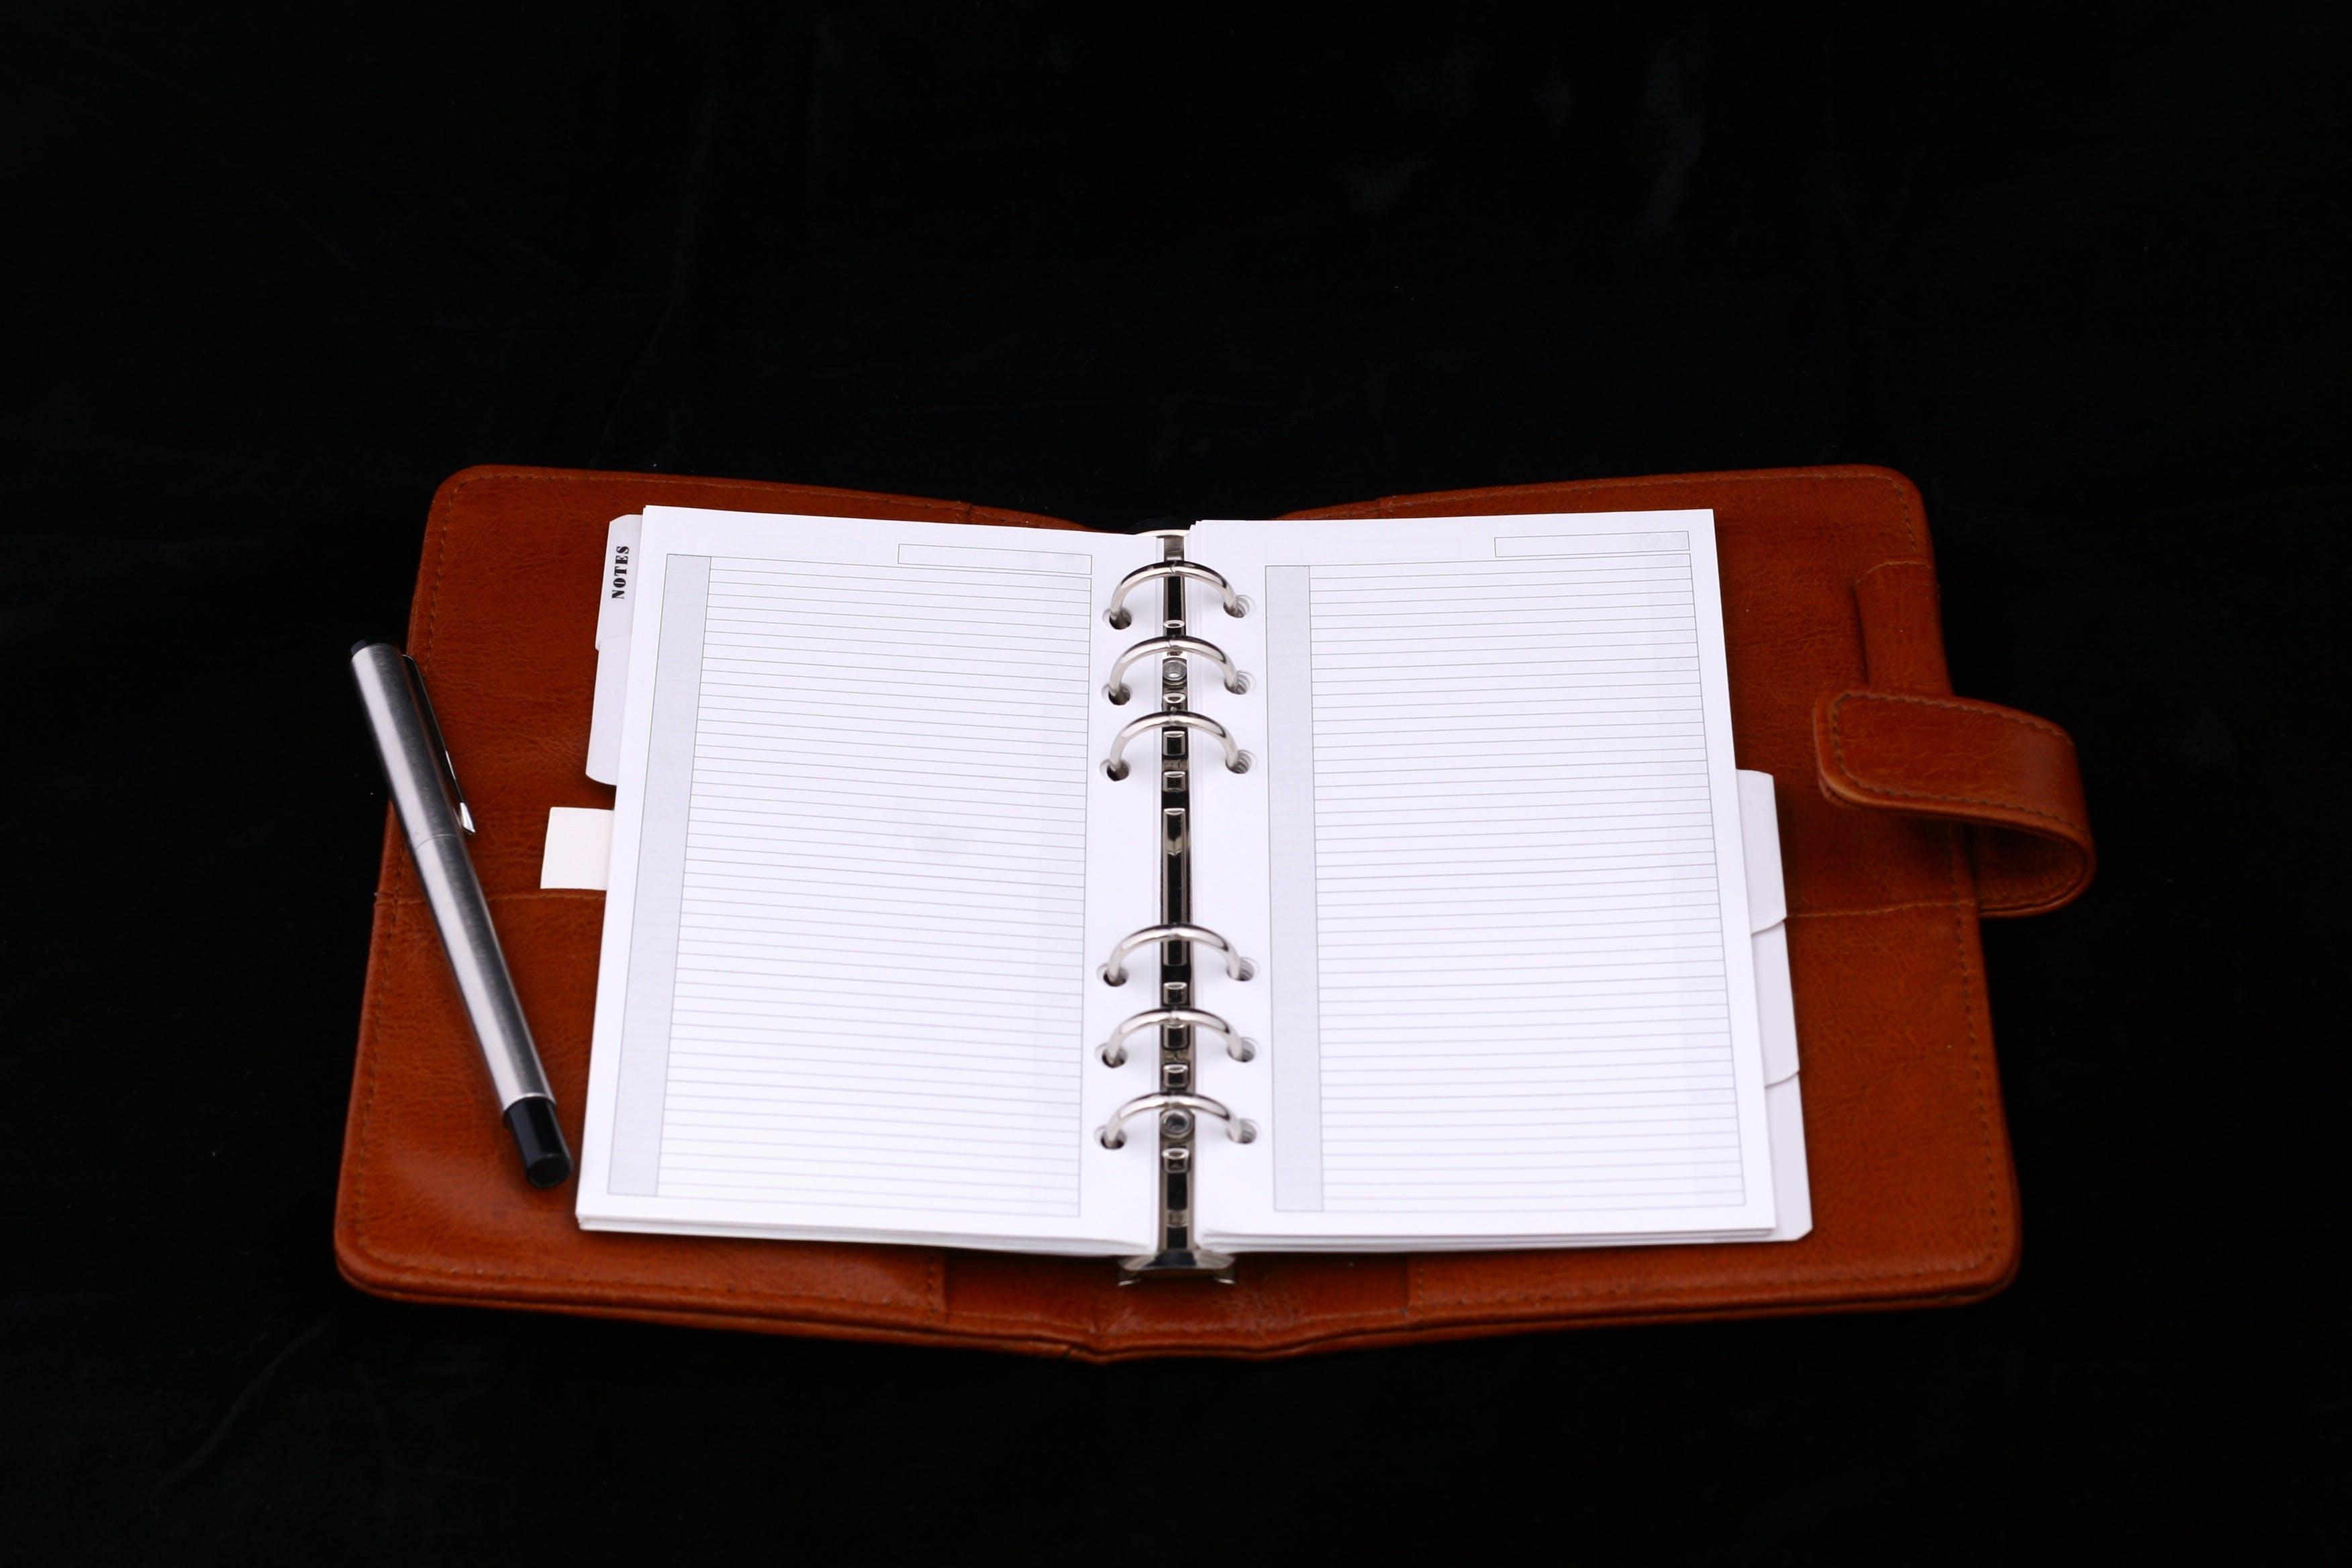 Foto d'estoc gratuïta de agenda, boli, en blanc, llibreta